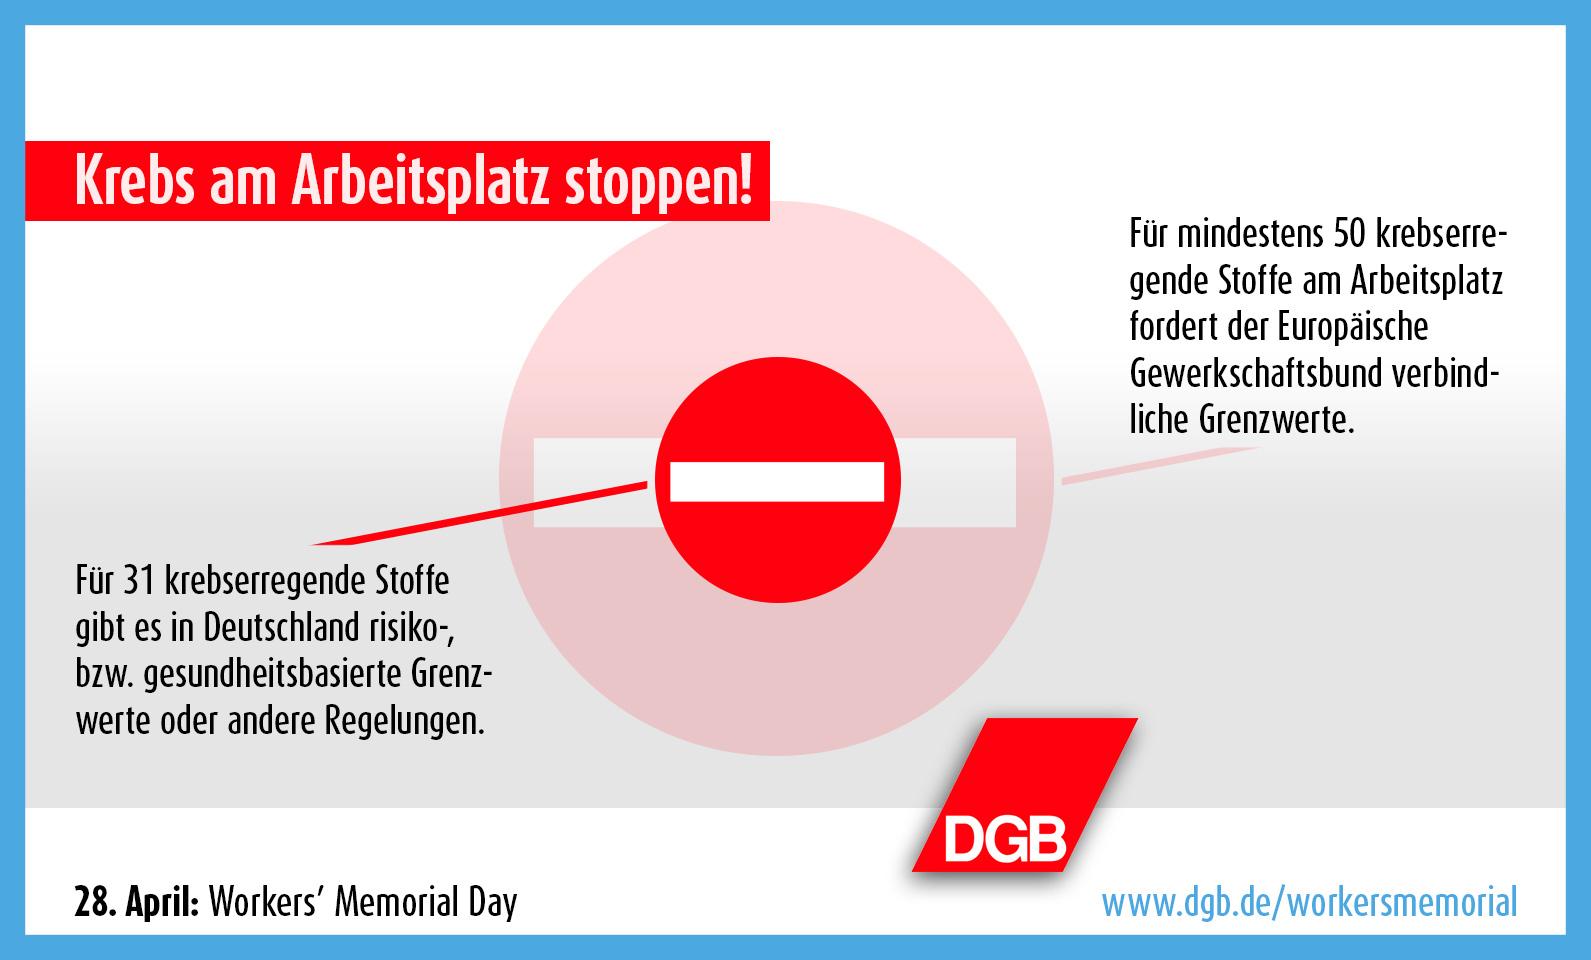 International Workers' Memorial Day 2016 - DGB - ETUI - EGB - Die europäischen Gewerkschaften fordern für 50 der häufigsten krebserregenden Stoffe am Arbeitsplatz verbindliche Grenzwerte. In Deutschland gibt es das bisher für 30 dieser Stoffe